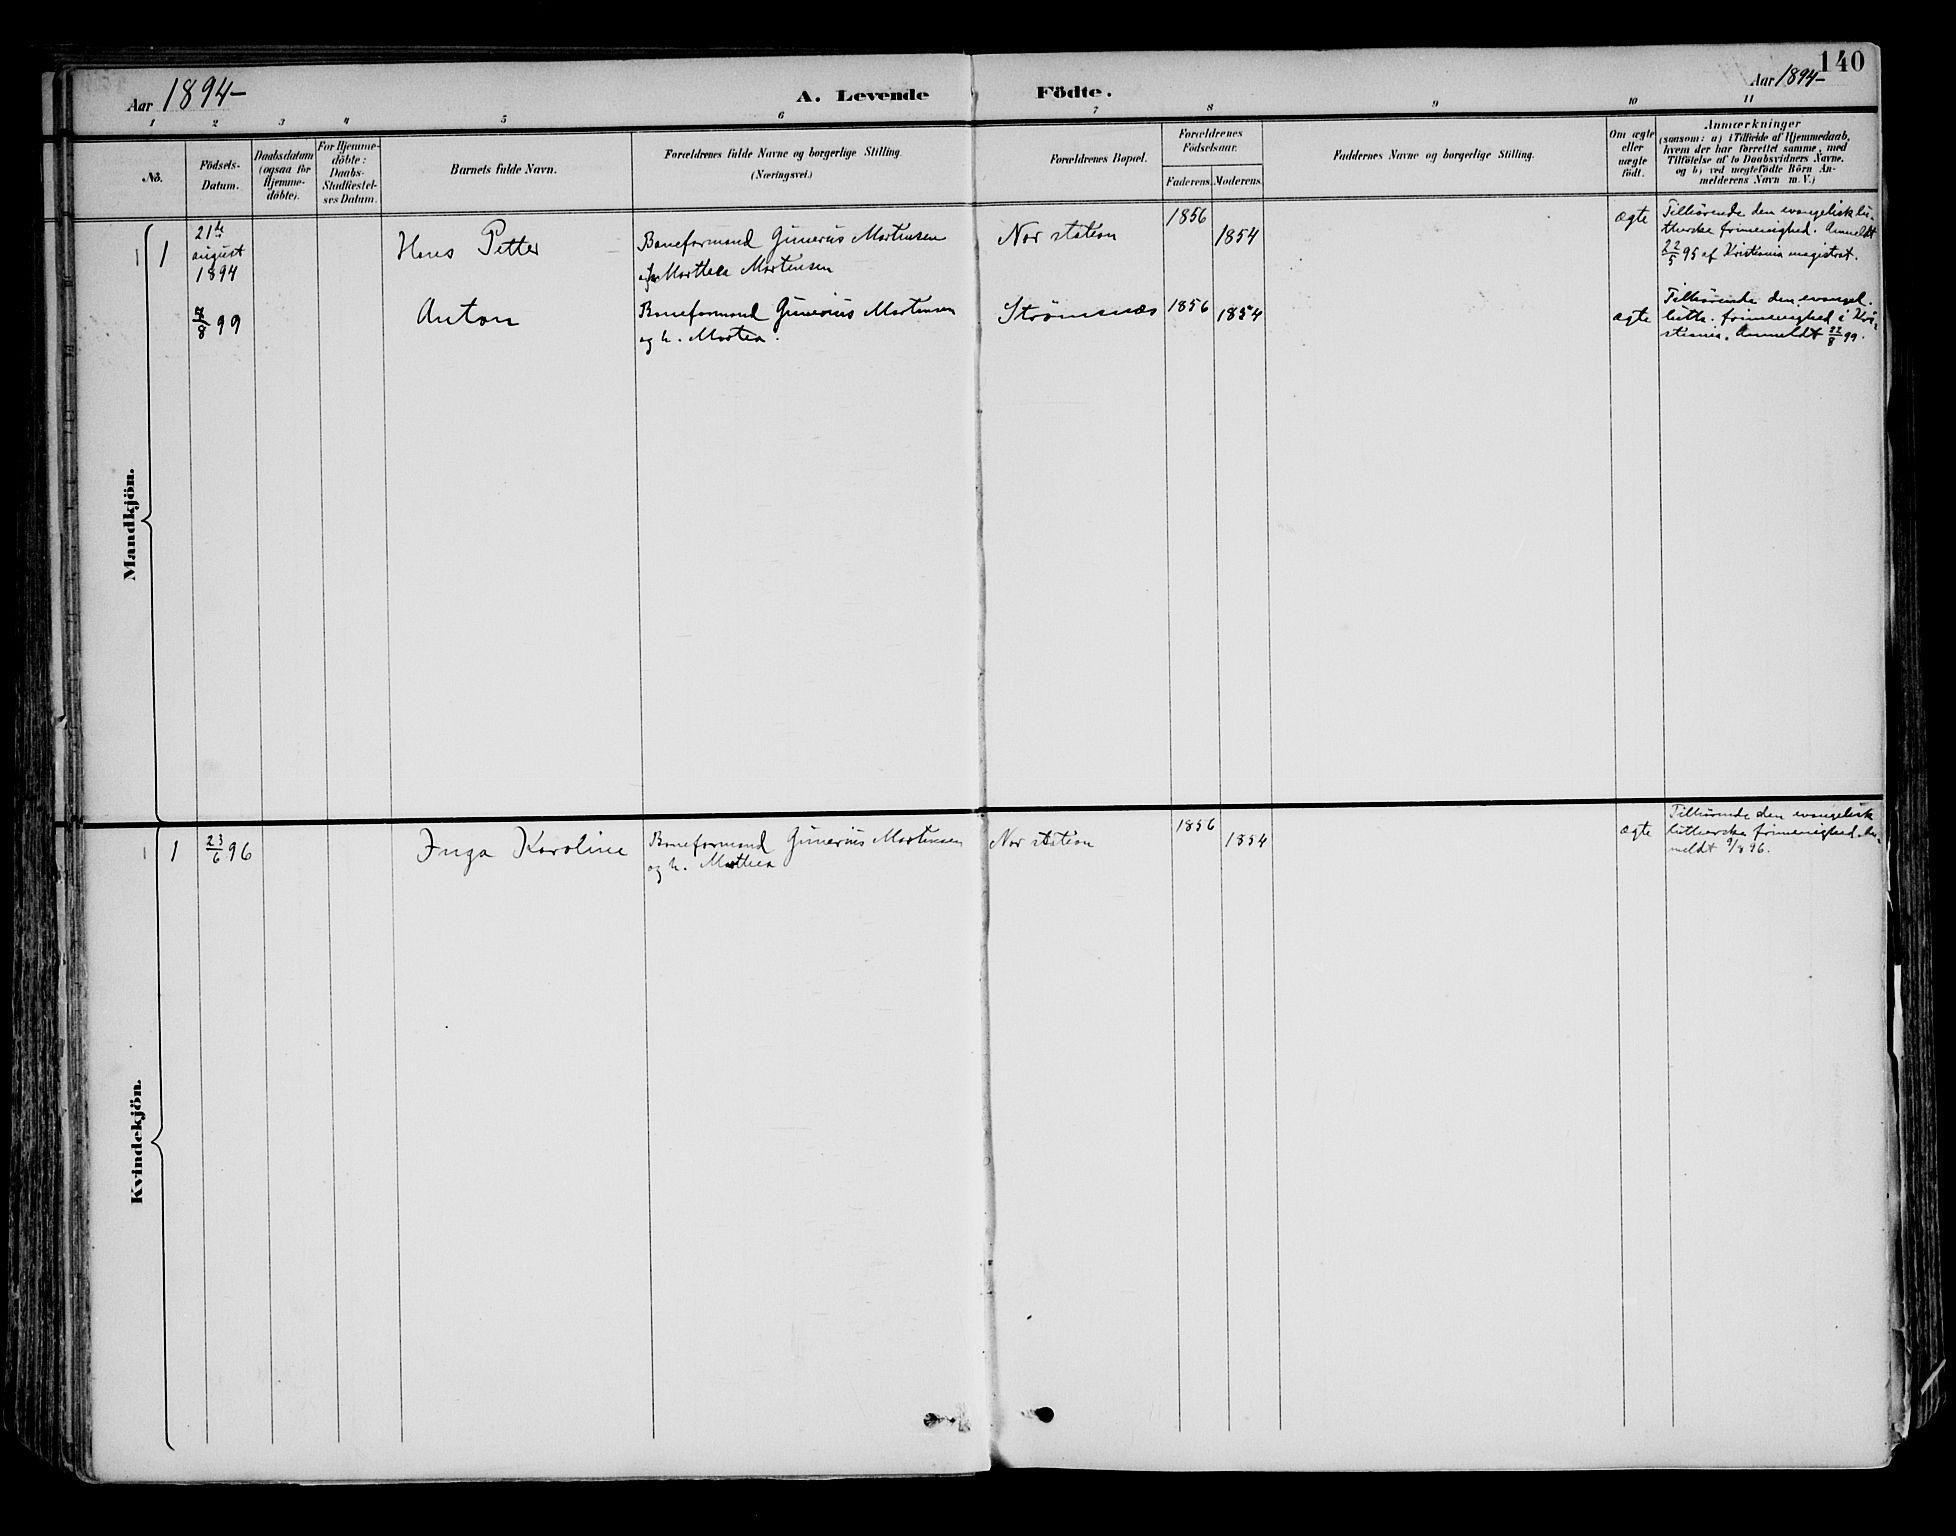 SAH, Brandval prestekontor, H/Ha/Haa/L0003: Ministerialbok nr. 3, 1894-1909, s. 140